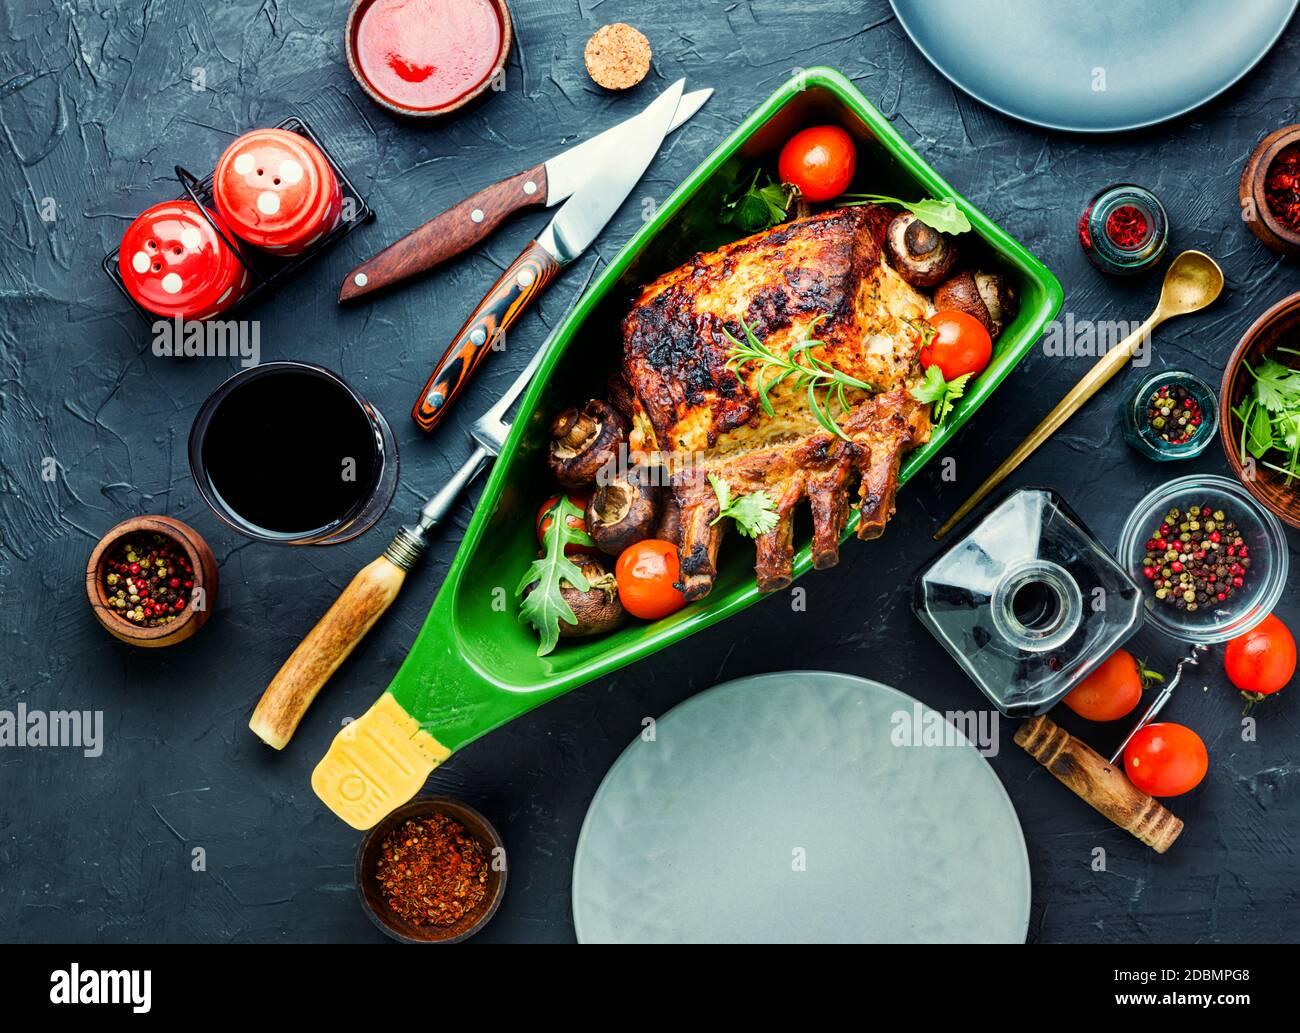 Lomo de cerdo o costilla de cerdo asada con carne a la parrilla Foto de stock